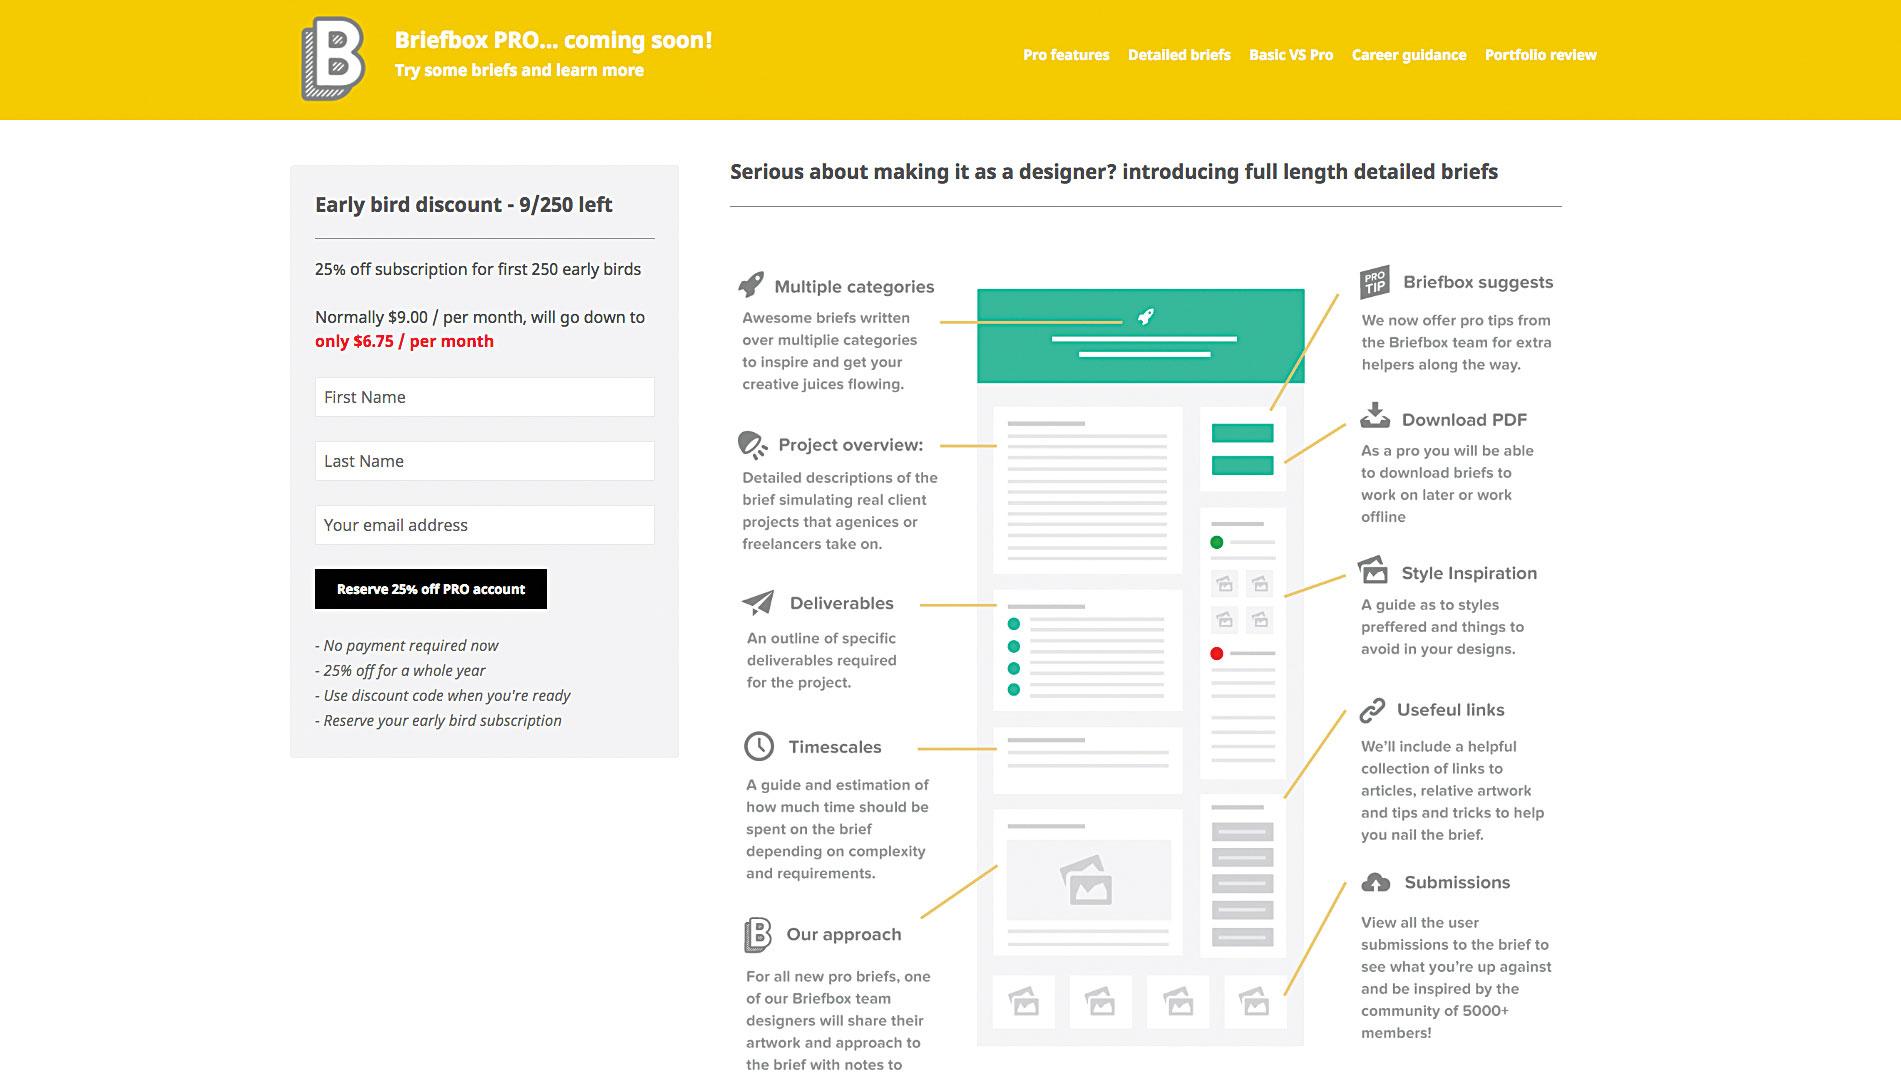 از بین طیف های متنوعی از خلاصه نویسی های مجازی برای خلاقانه کردن طرح خود انتخاب کنید.